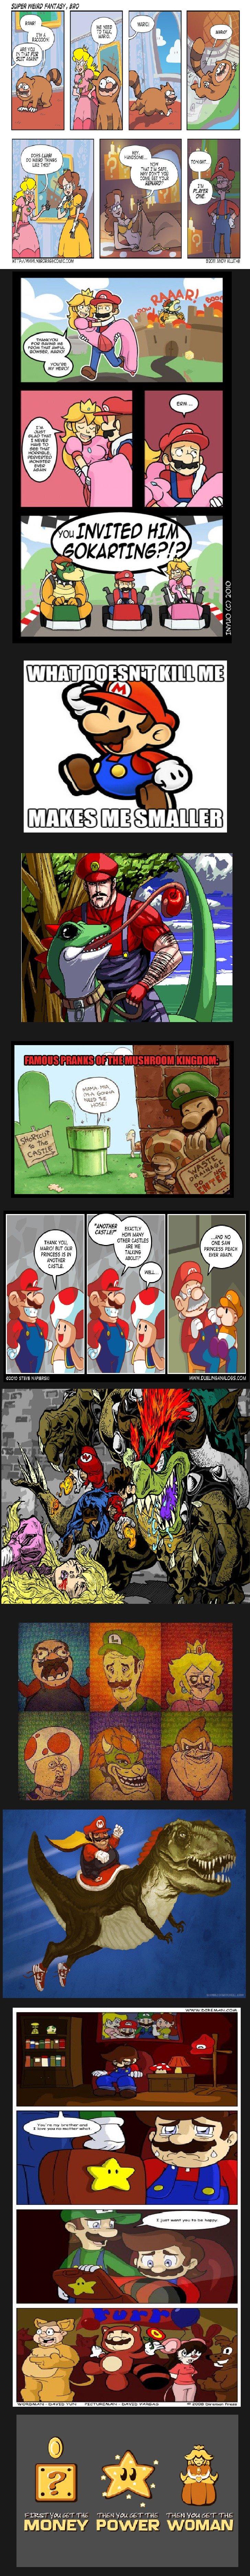 Mario comp 2. . Mario